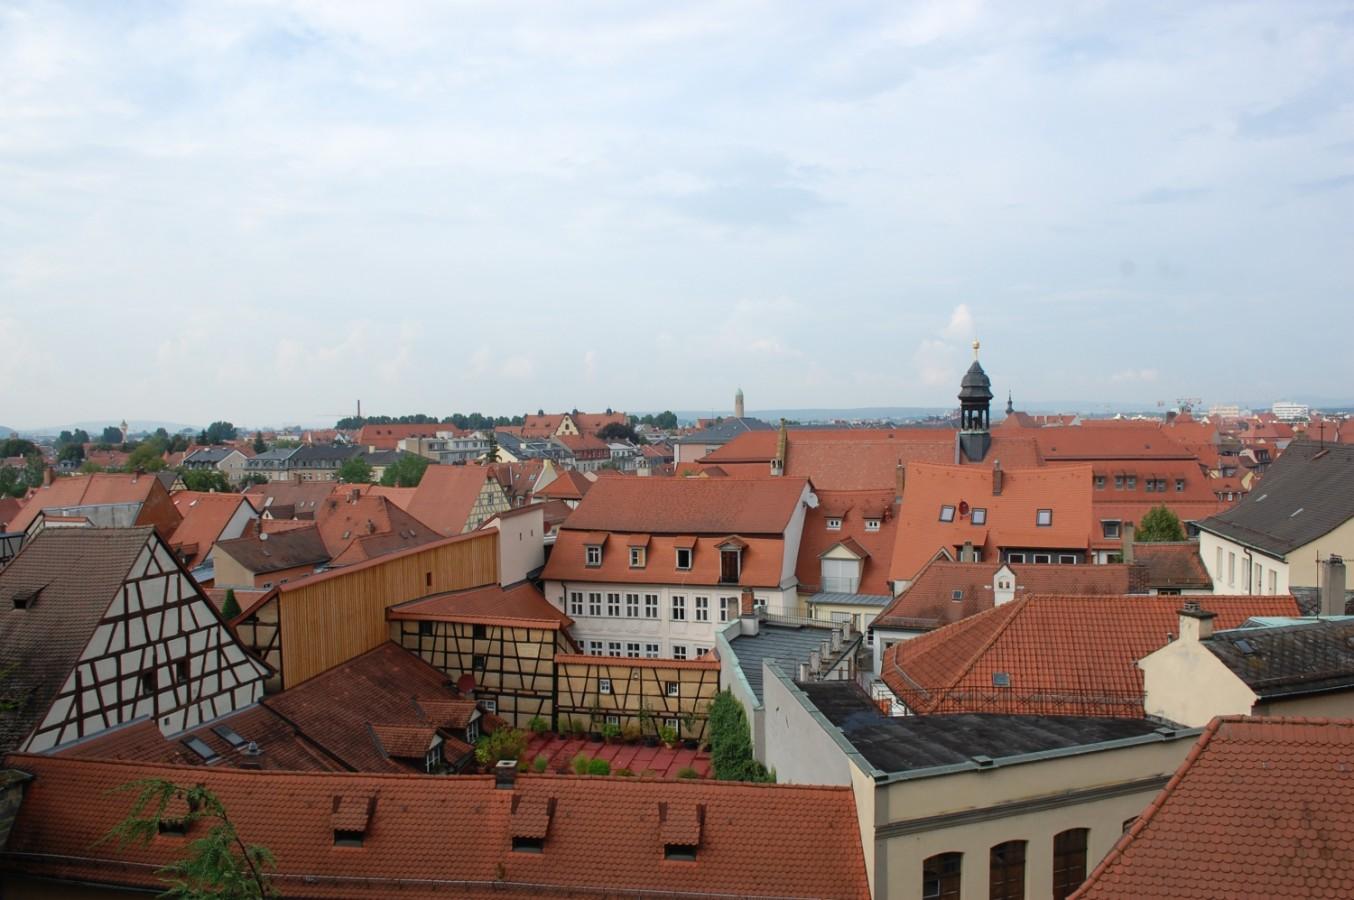 Első benyomás Bajorországról - csodás!